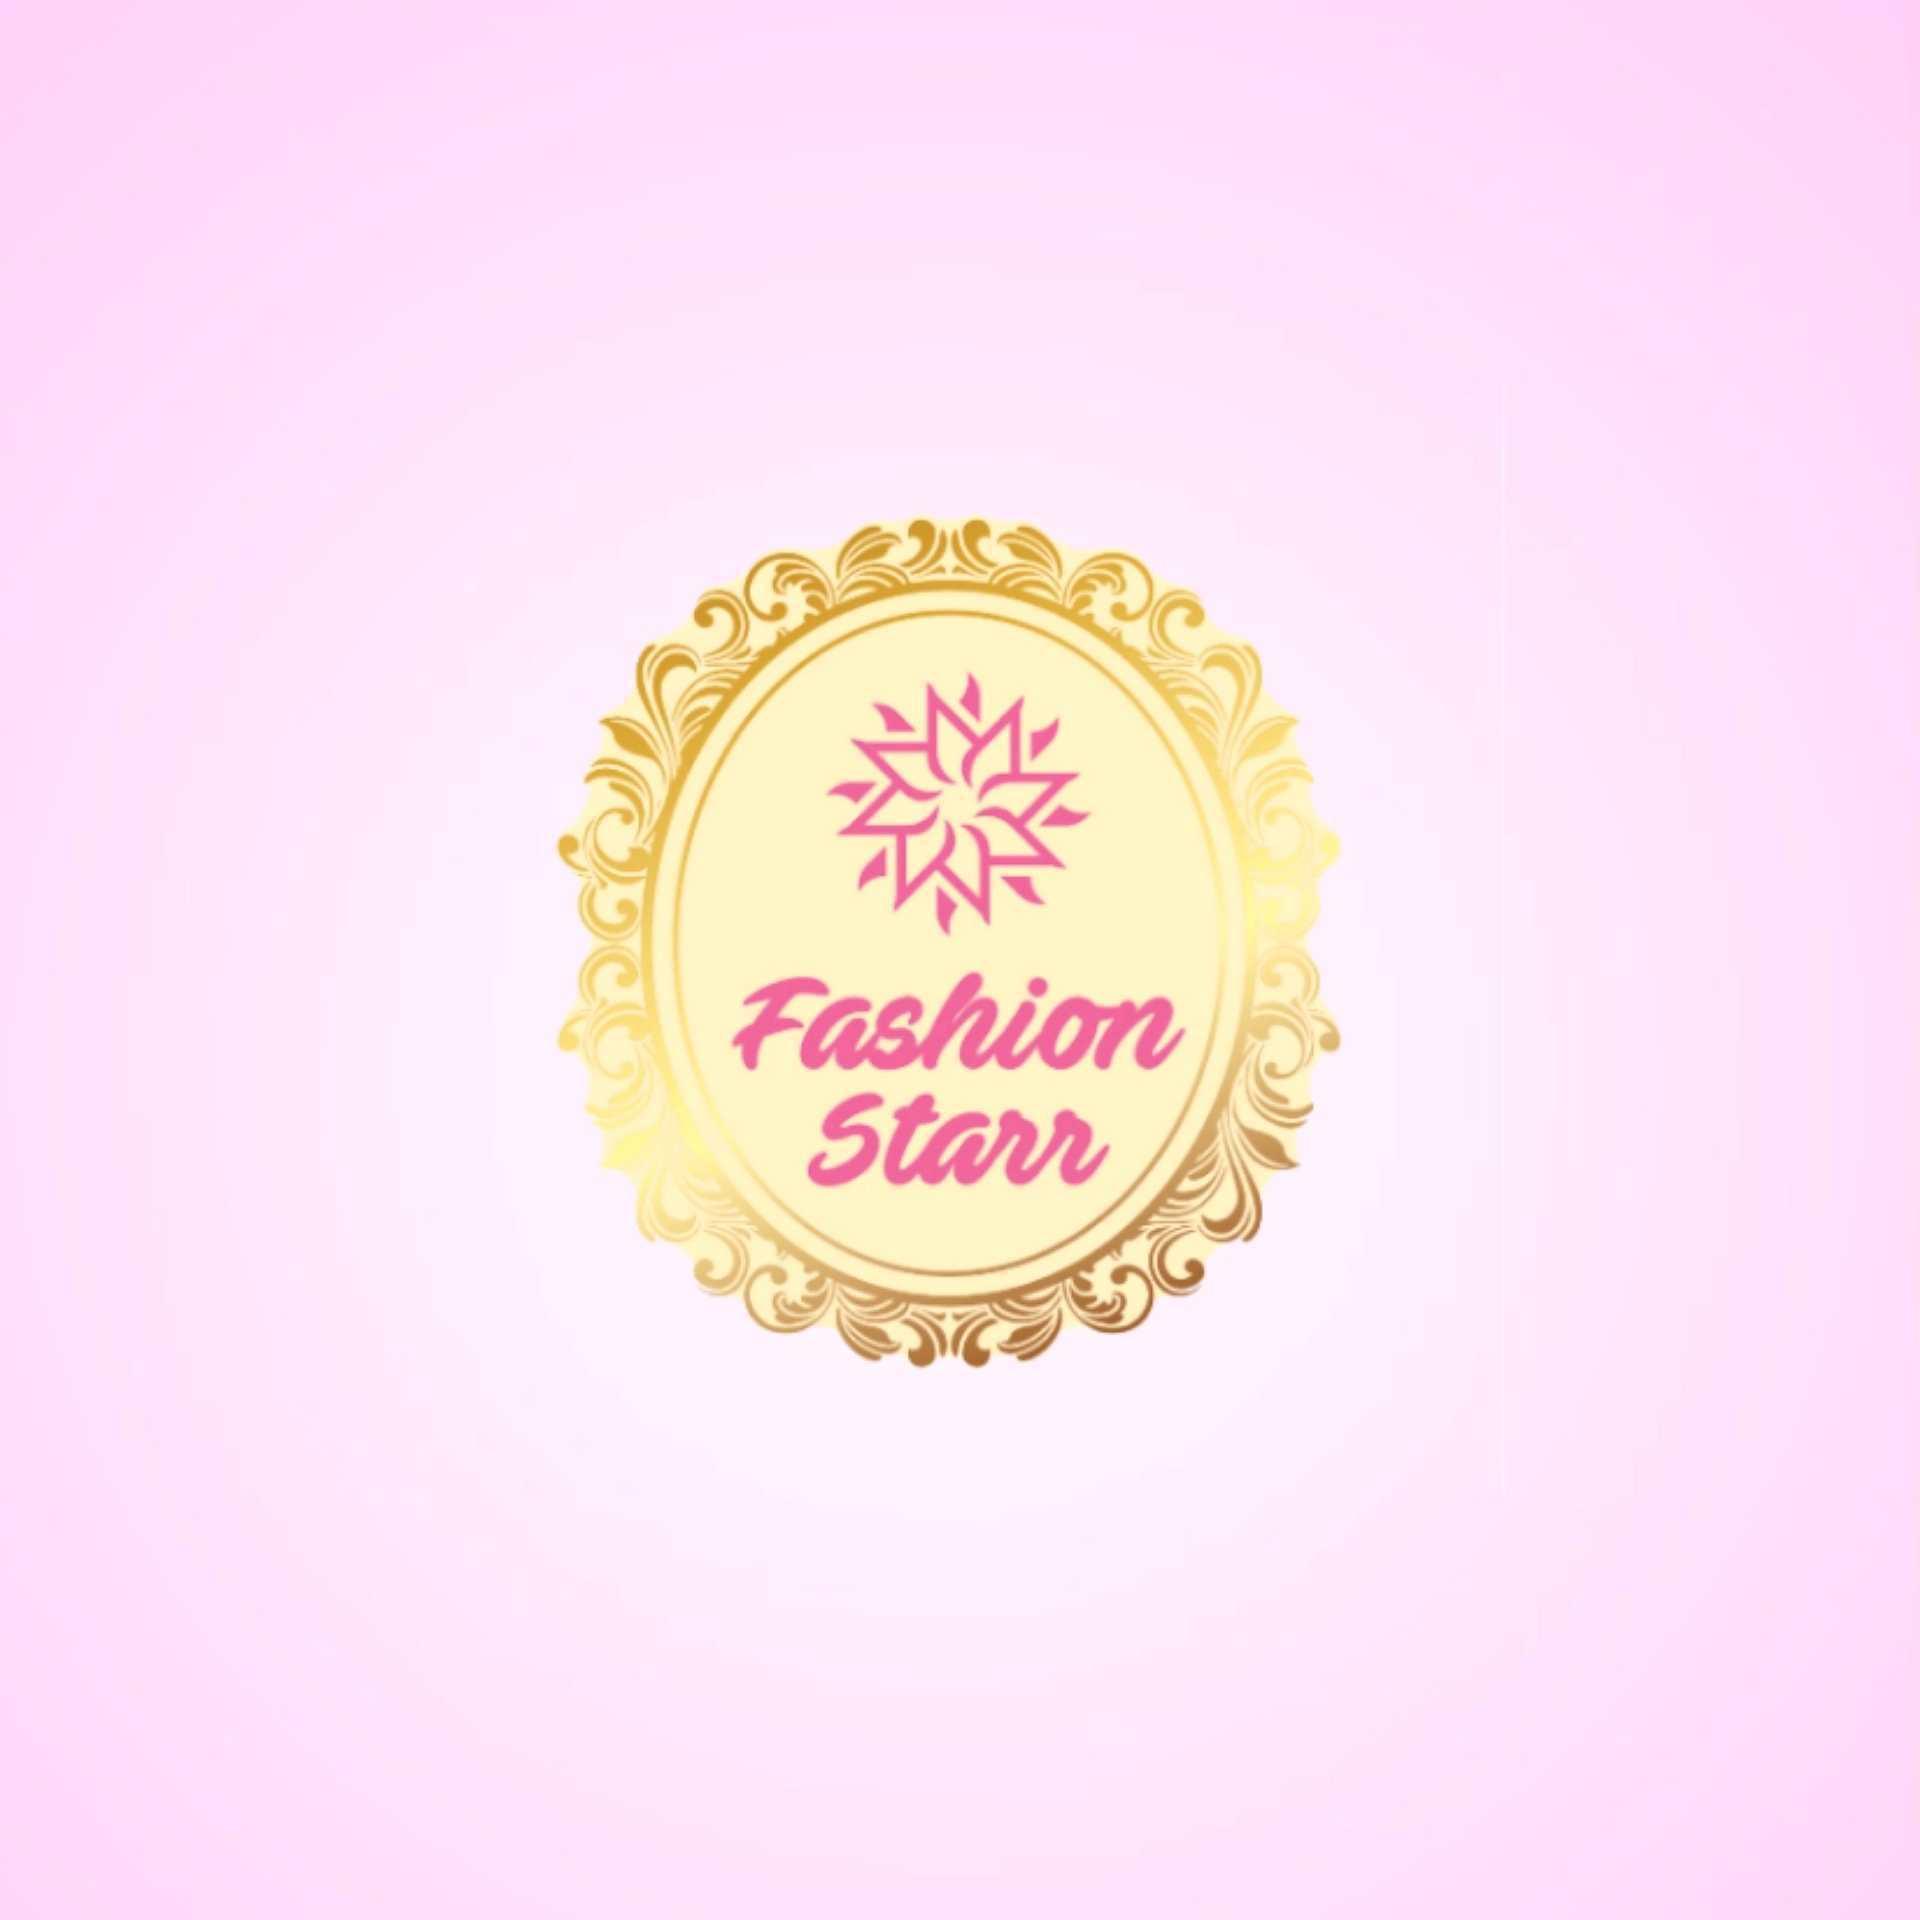 Kelly Fashion Starr